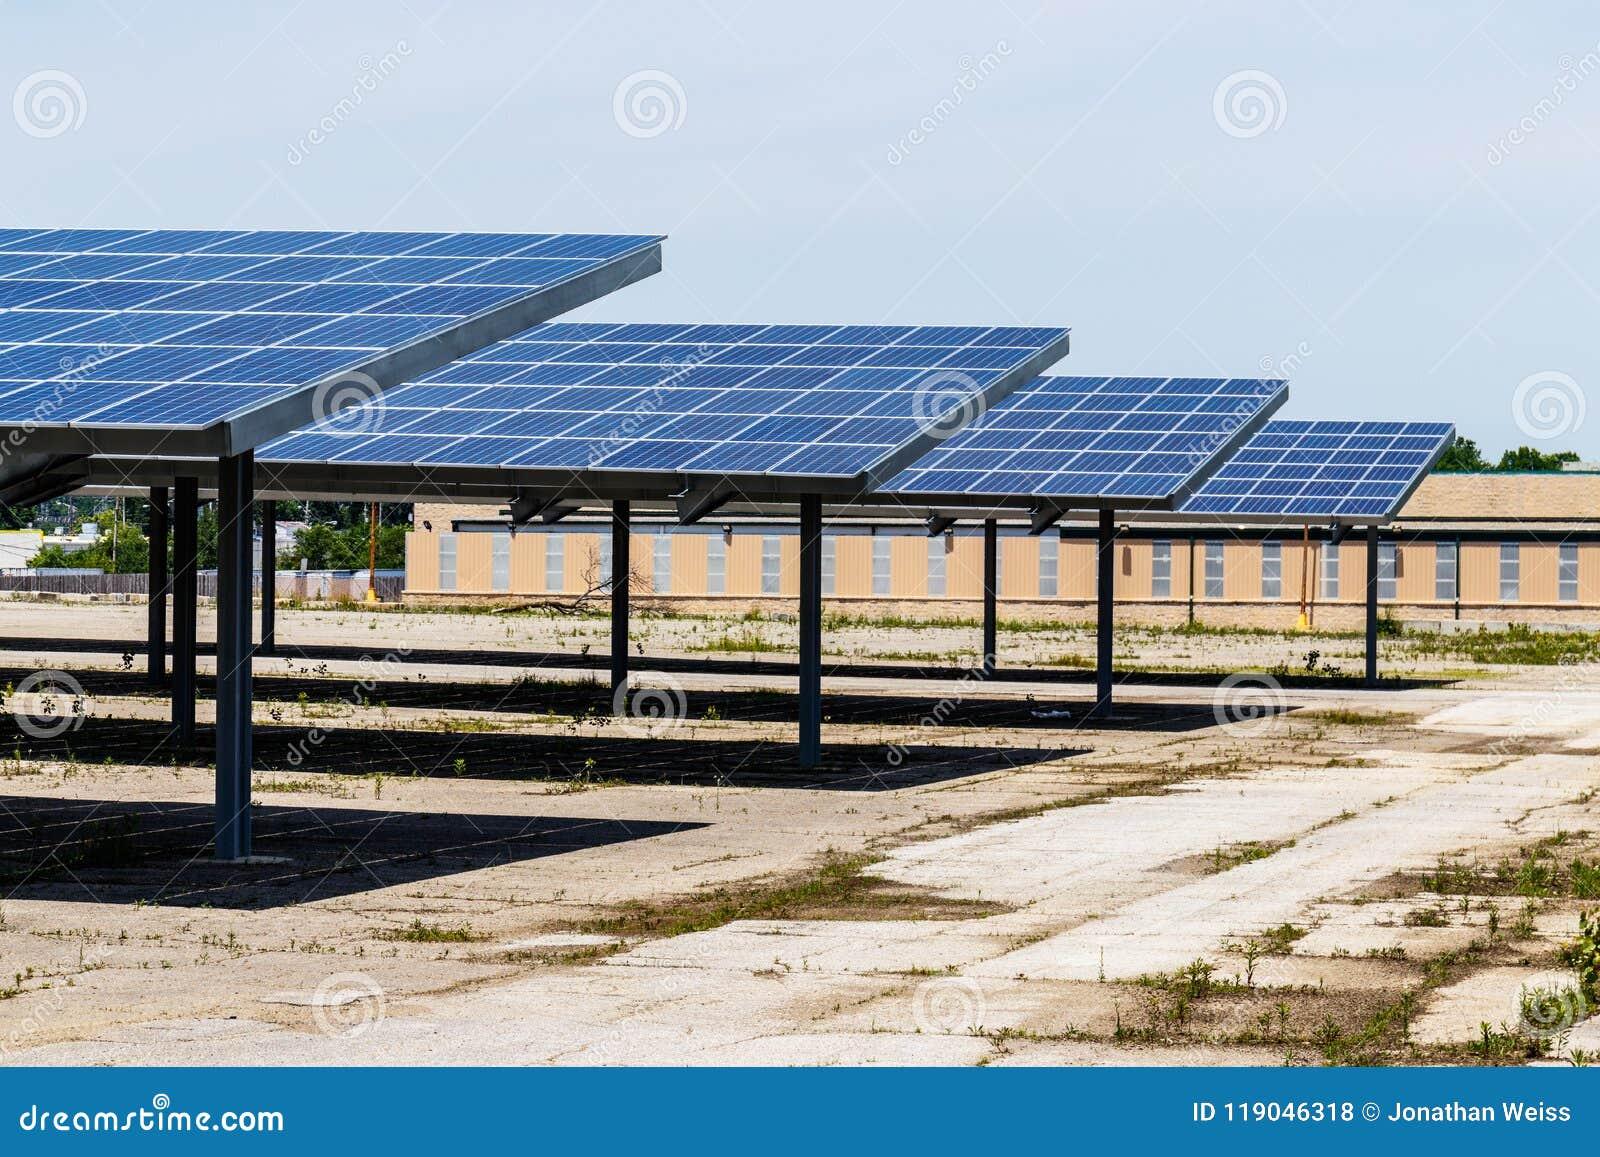 Ηλιακές θερμικές επίπεδες οθόνες που παρέχουν τη σκιά σε έναν χώρο στάθμευσης Πολλές επιχειρήσεις εγκαθιστούν τις ανανεωμένες πηγ